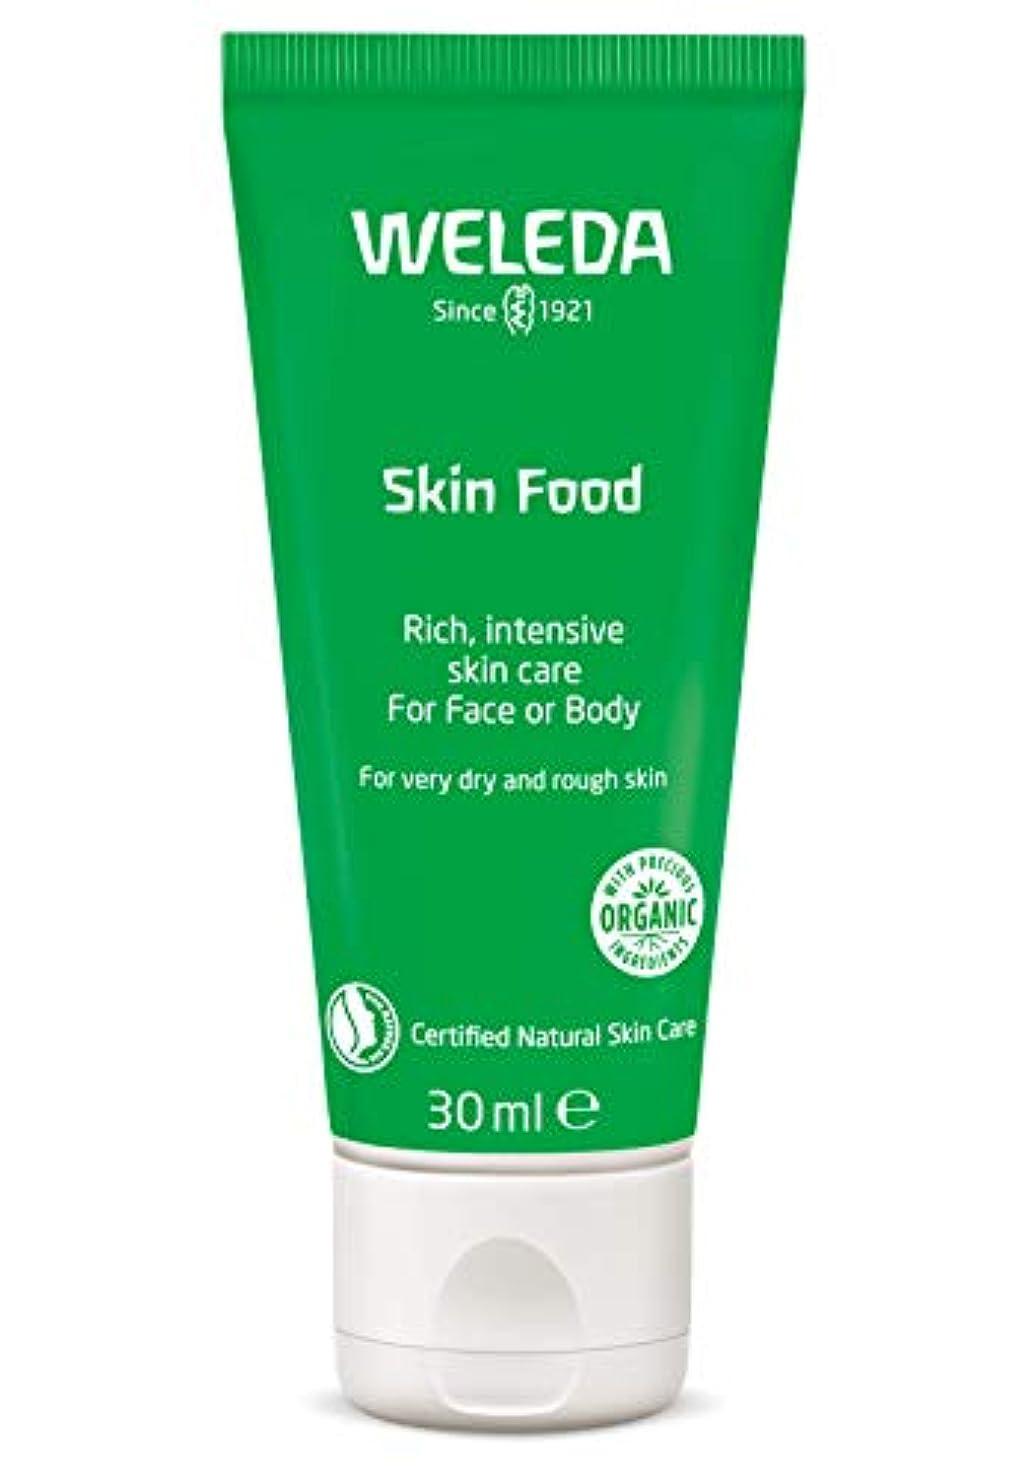 ネーピアエジプト実際のWELEDA(ヴェレダ) スキンフード(全身用クリーム) 30ml 【ひどい乾燥やゴワつきに?手や肘、かかとなどの集中ケアに?肌荒れしやすい季節のお顔のケアに】